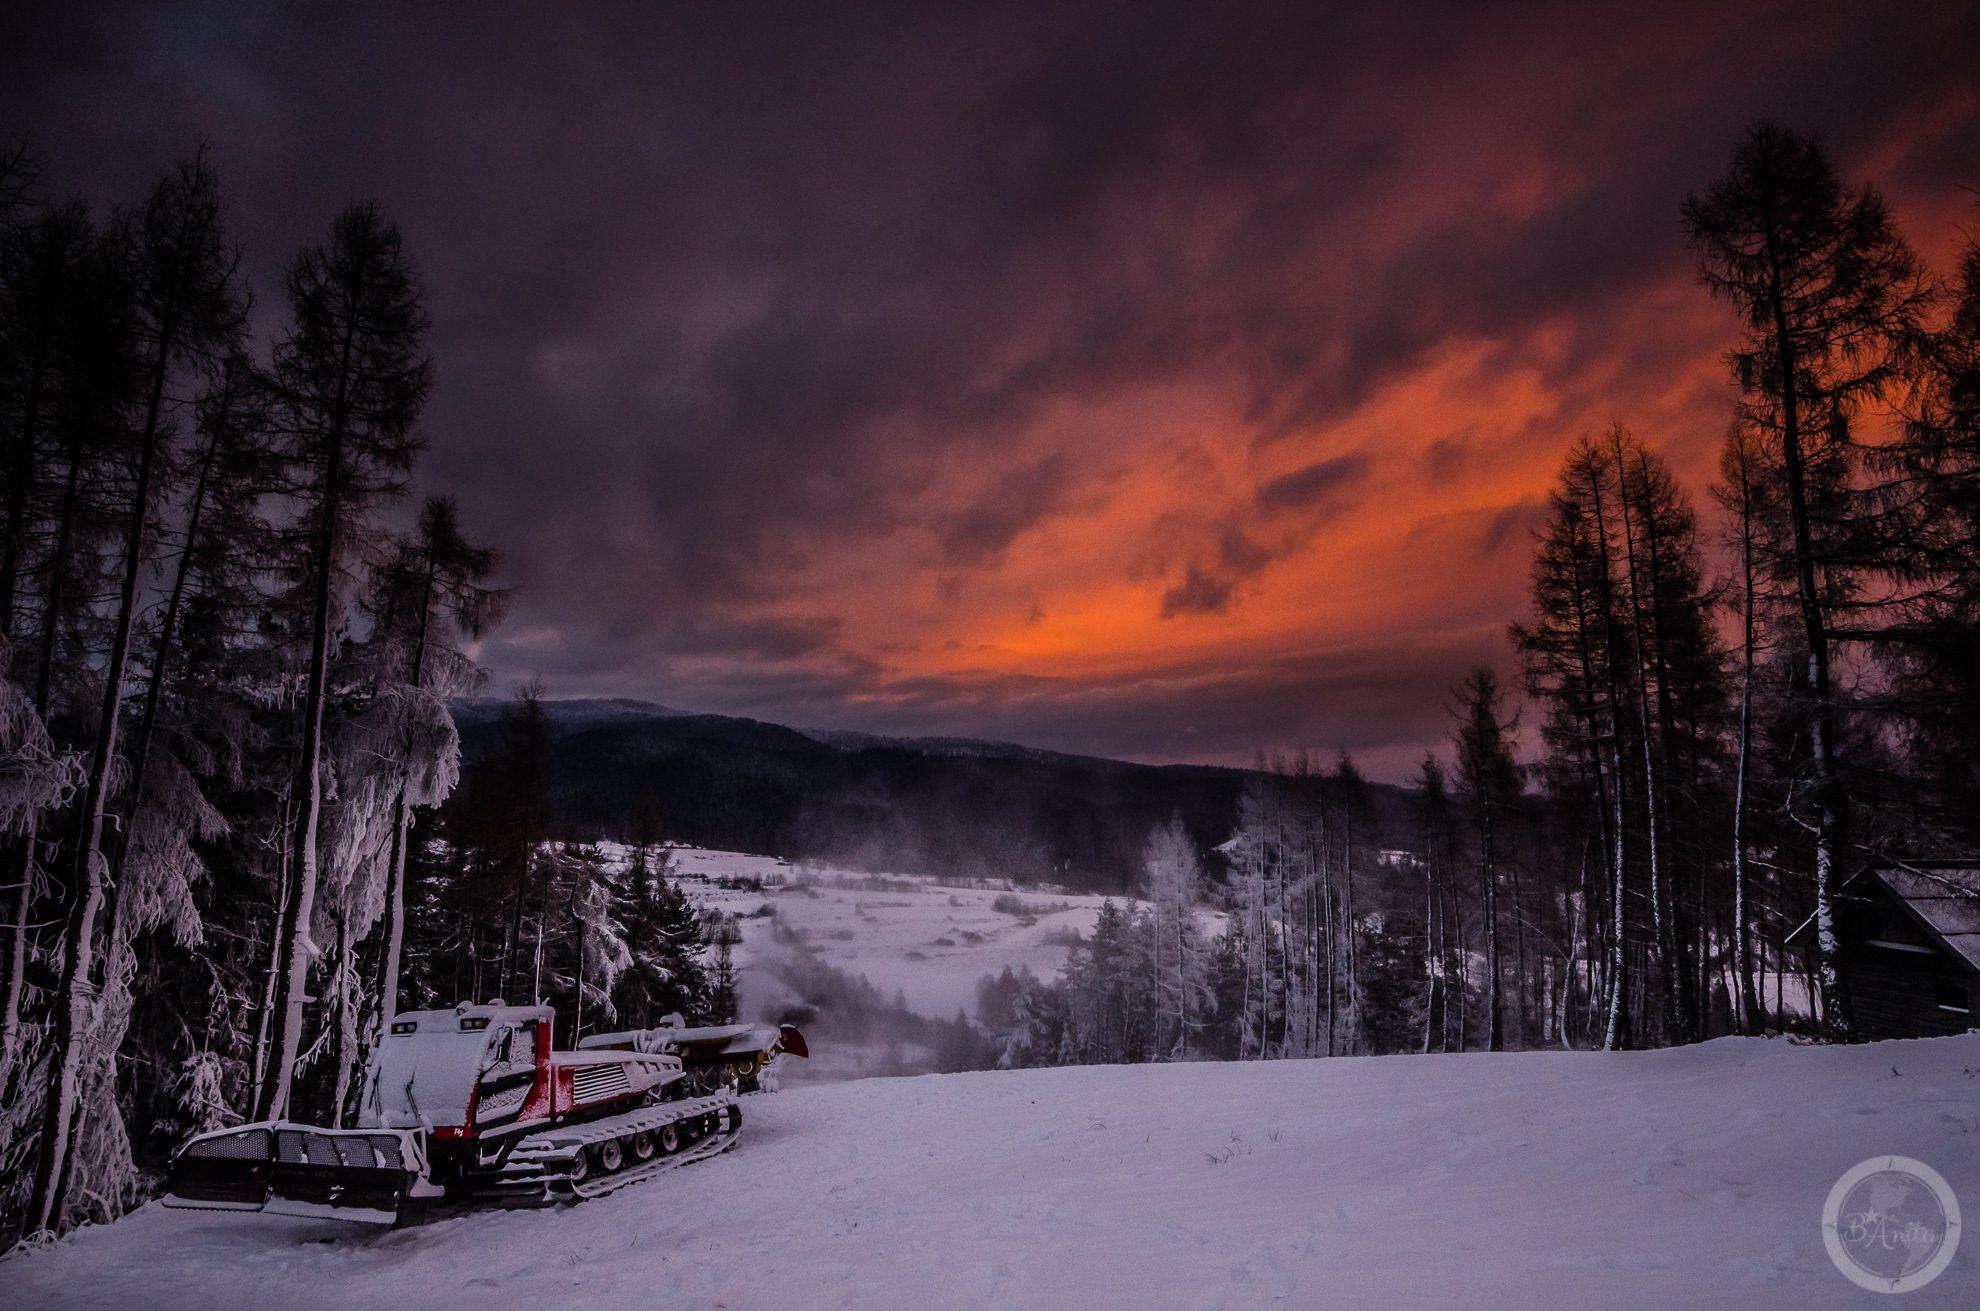 Widok zgóy Wdżar. Wlewym rogu widoczny ratrak. Nadszczytami pokolorowane zachodzacym słońcem chmury.